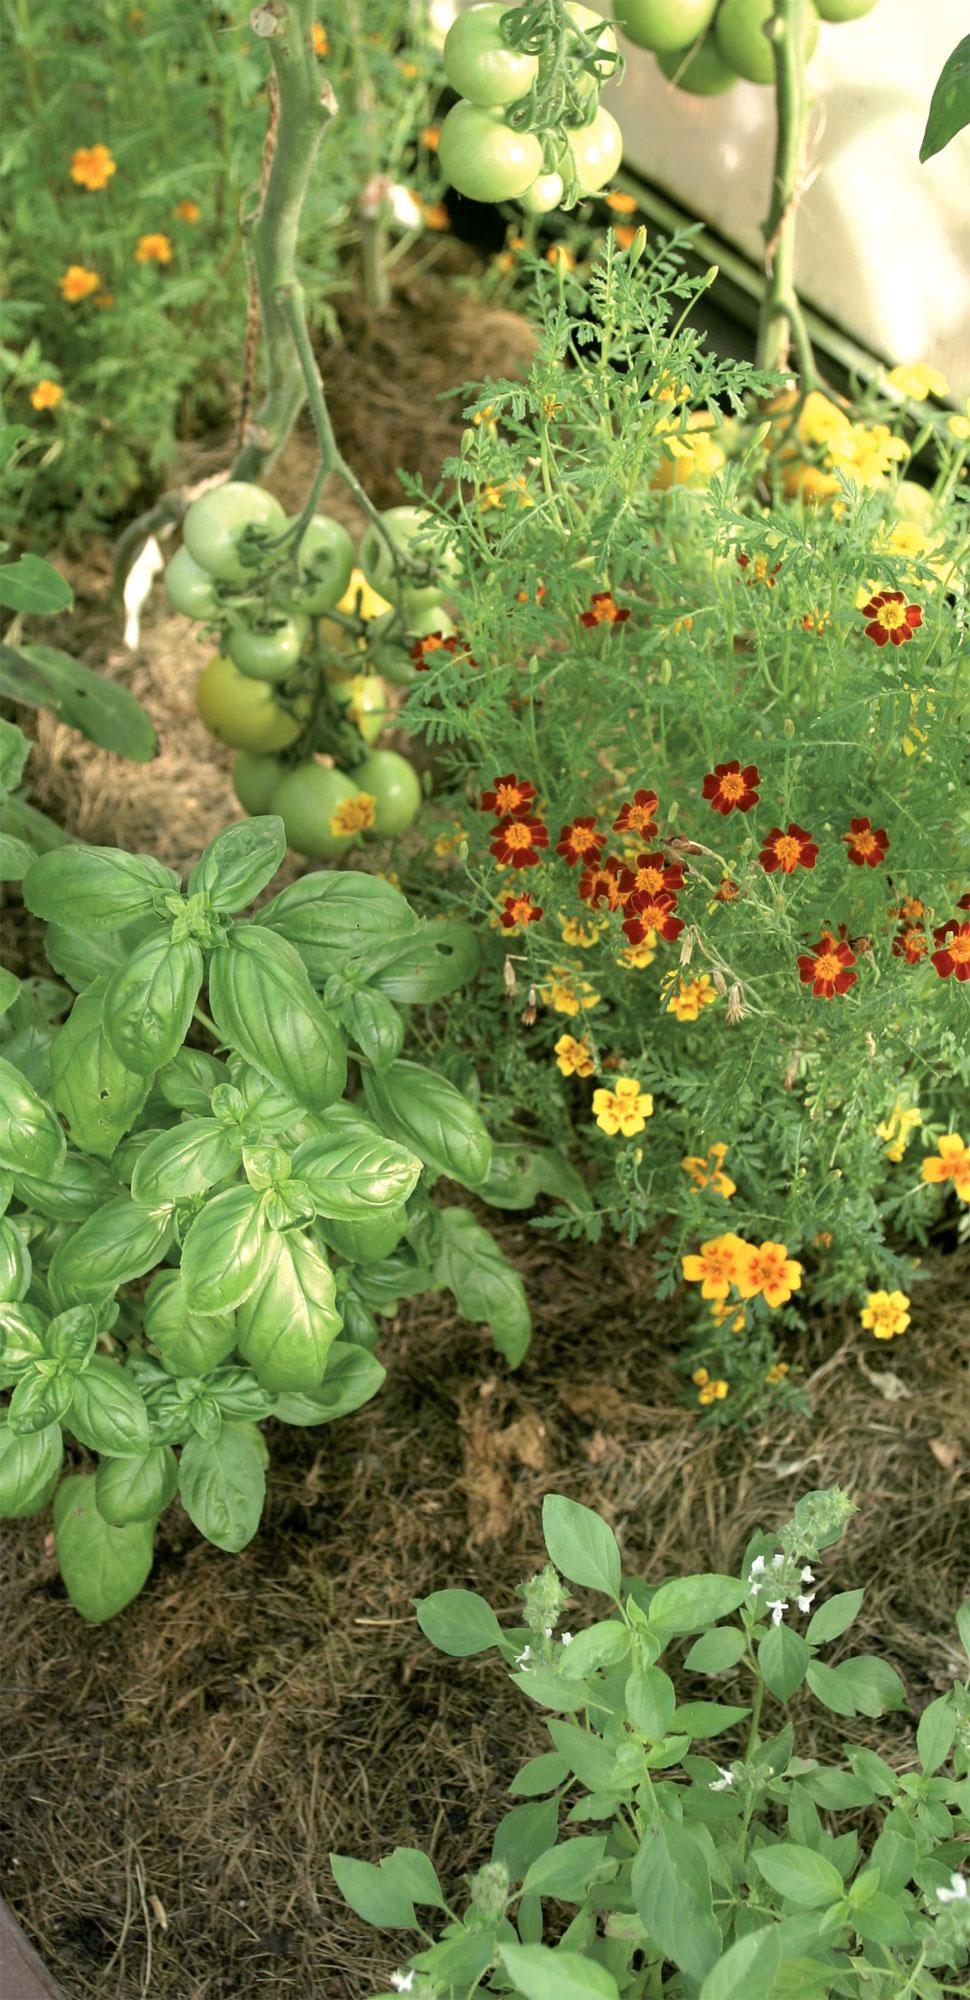 Virpi levittää ruohosilppua kasvihuoneeseen usein, mutta ohuina kerroksina. Sama hiekka palvelee niin kauan kuin kasvit pysyvät terveinä.